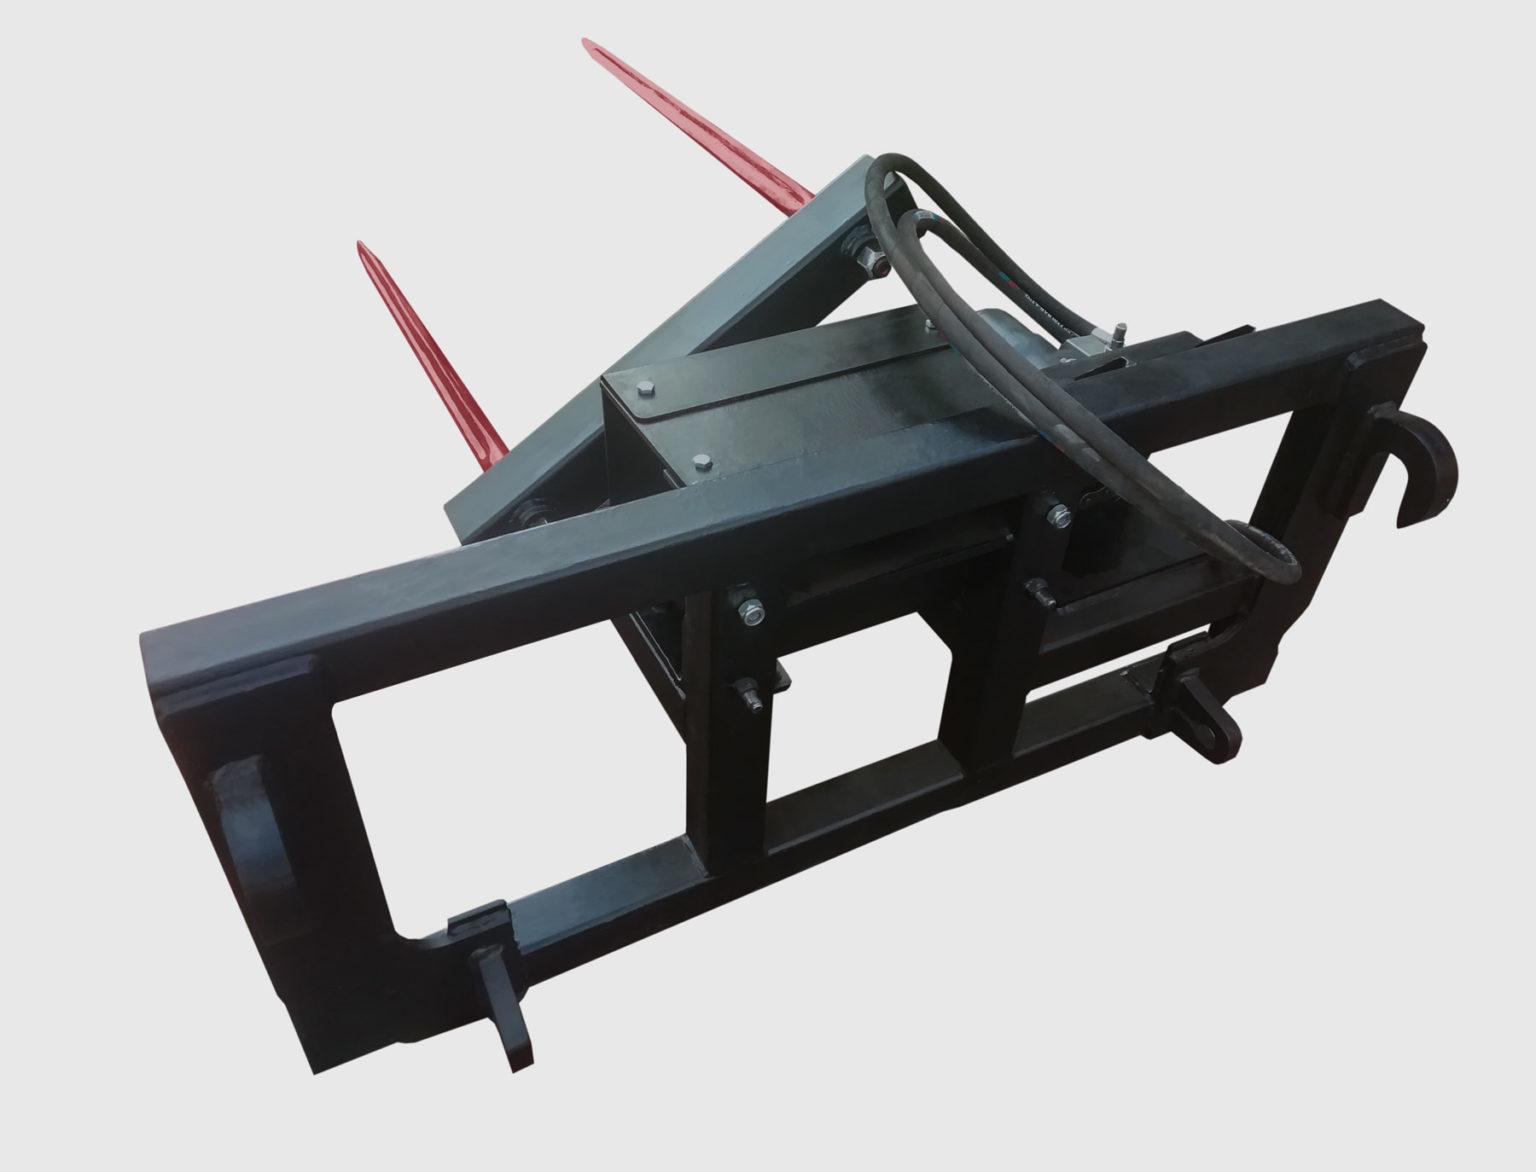 rozwijarka-kompaktowa-wielofunkcyjne-urzadzenie-do-belbalotow